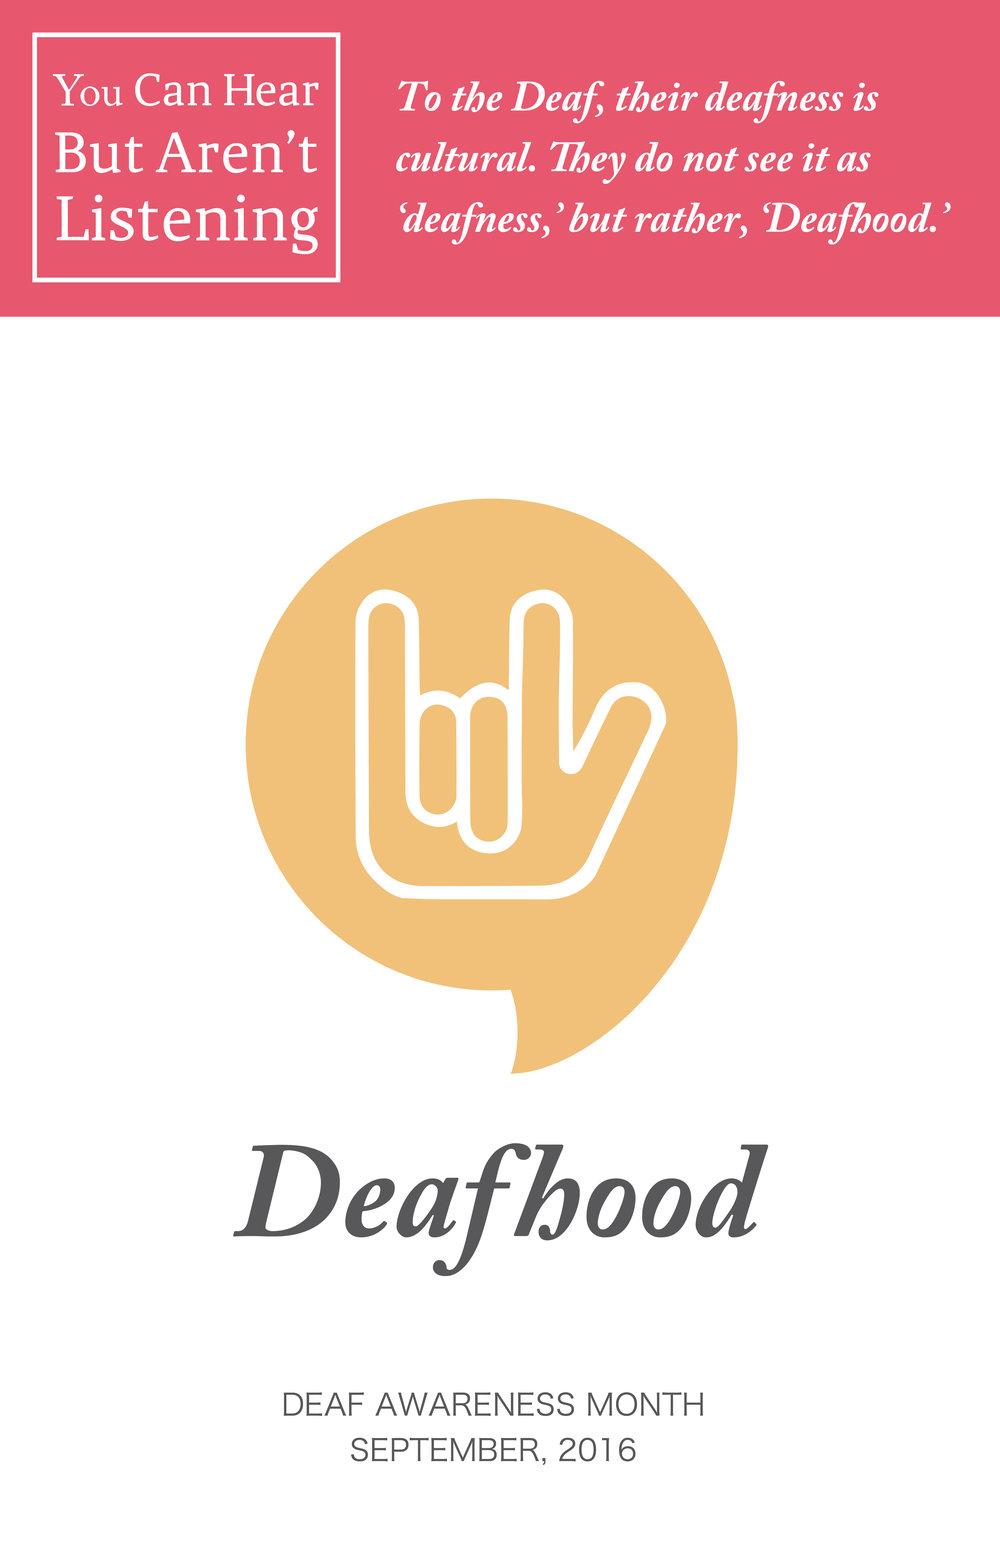 DeafAwarenessPoster-01.jpg